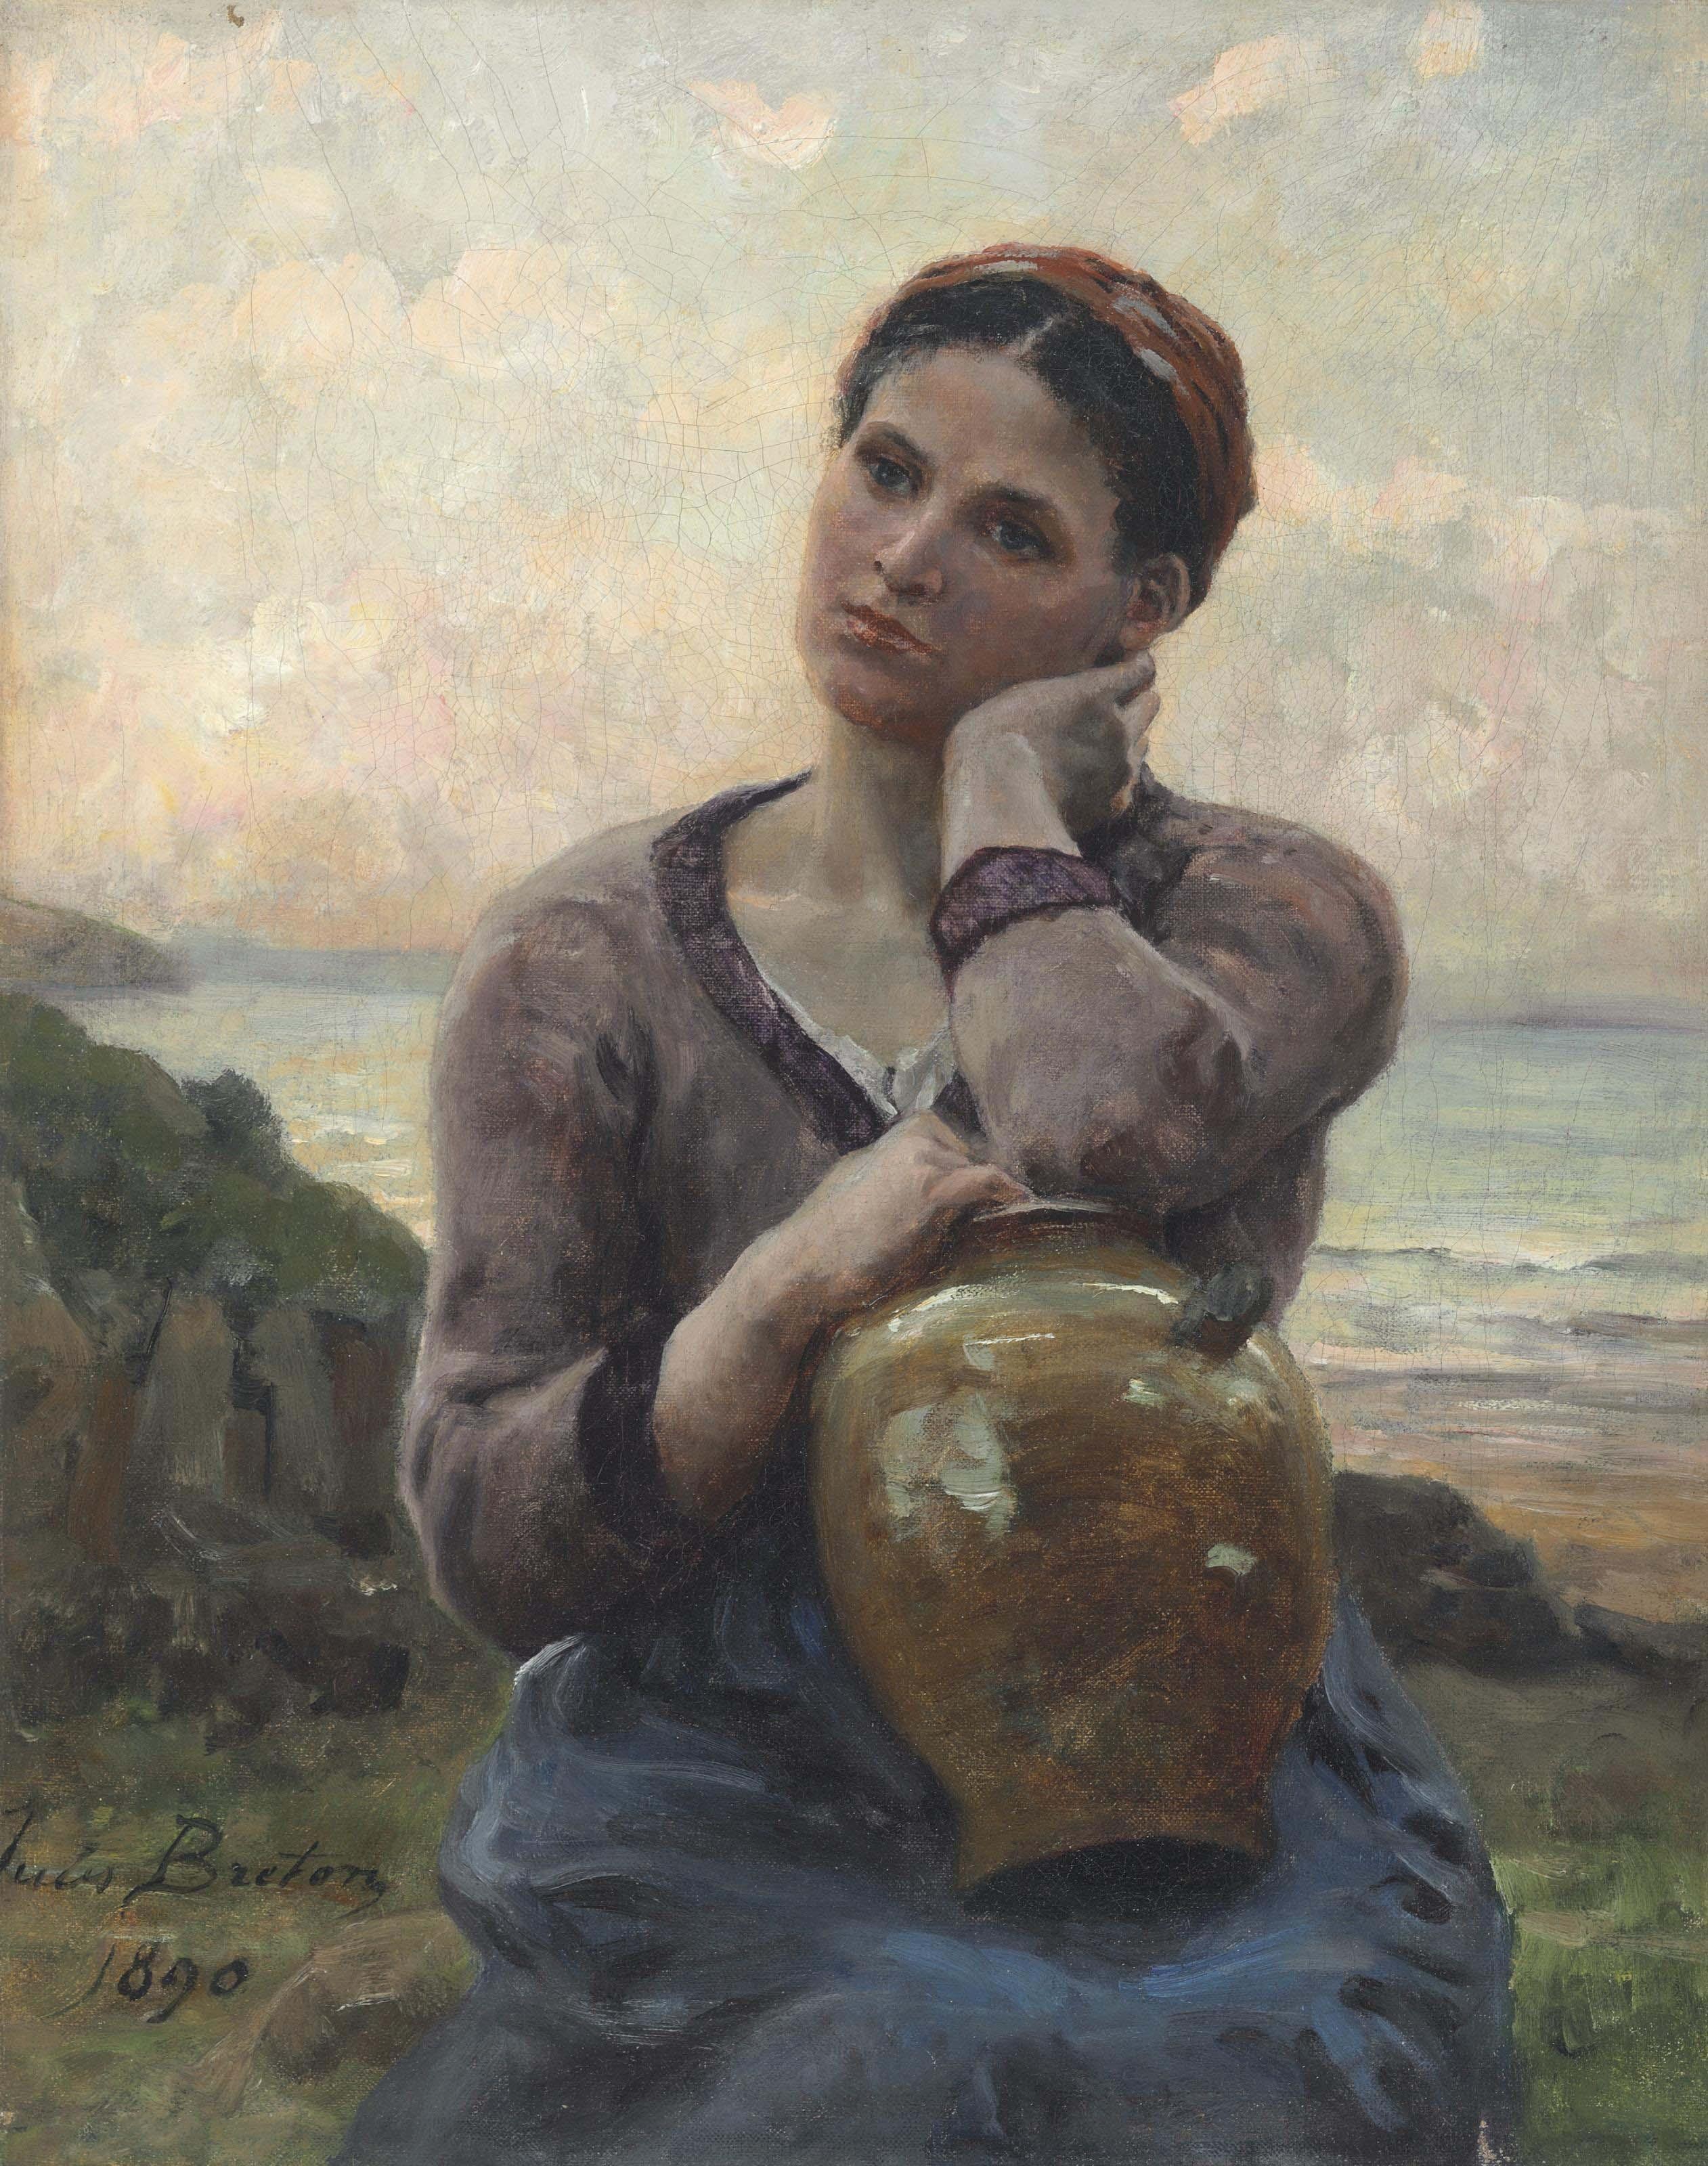 Jeune paysanne à la cruche sur fond de mer